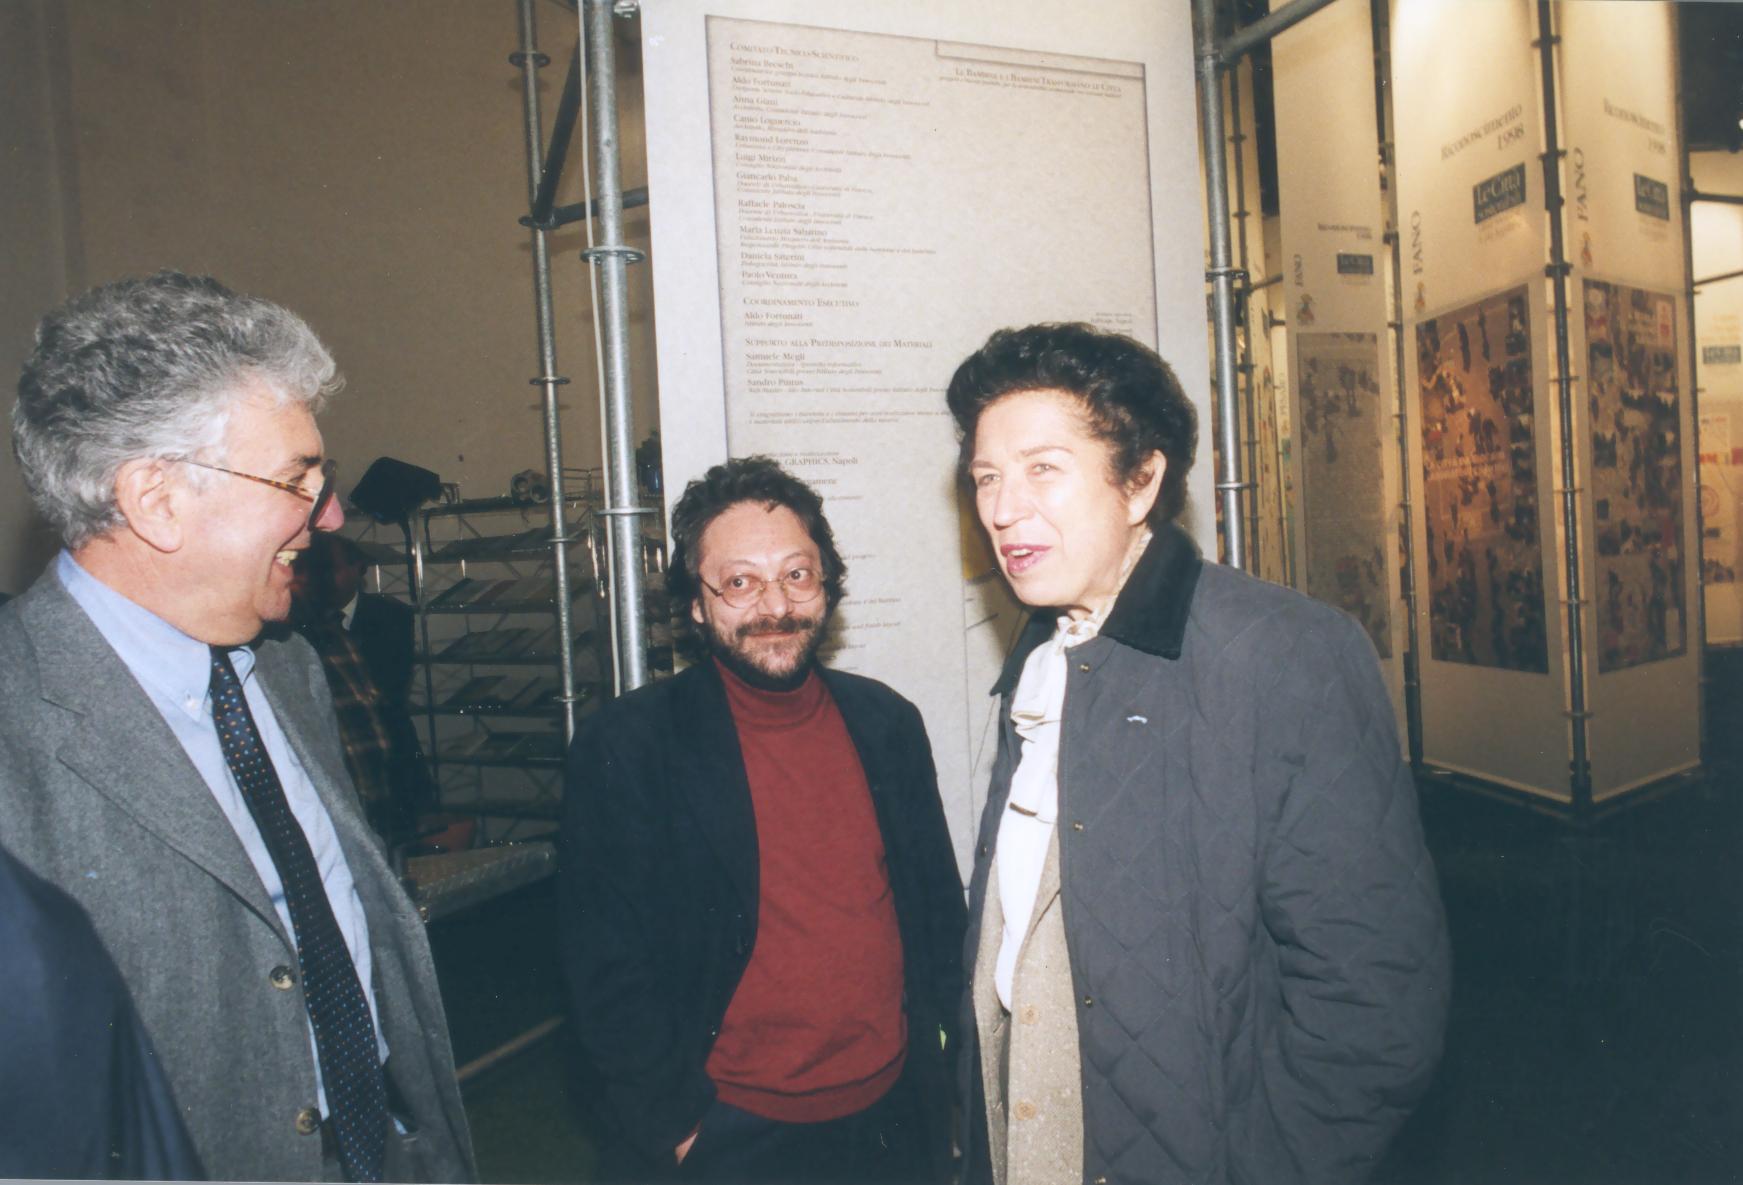 Con Sindaco Rosa Iervolino Russo e Enzo Bergamene inaugurazione mostra I Bambini e le Bambine trasformano le città